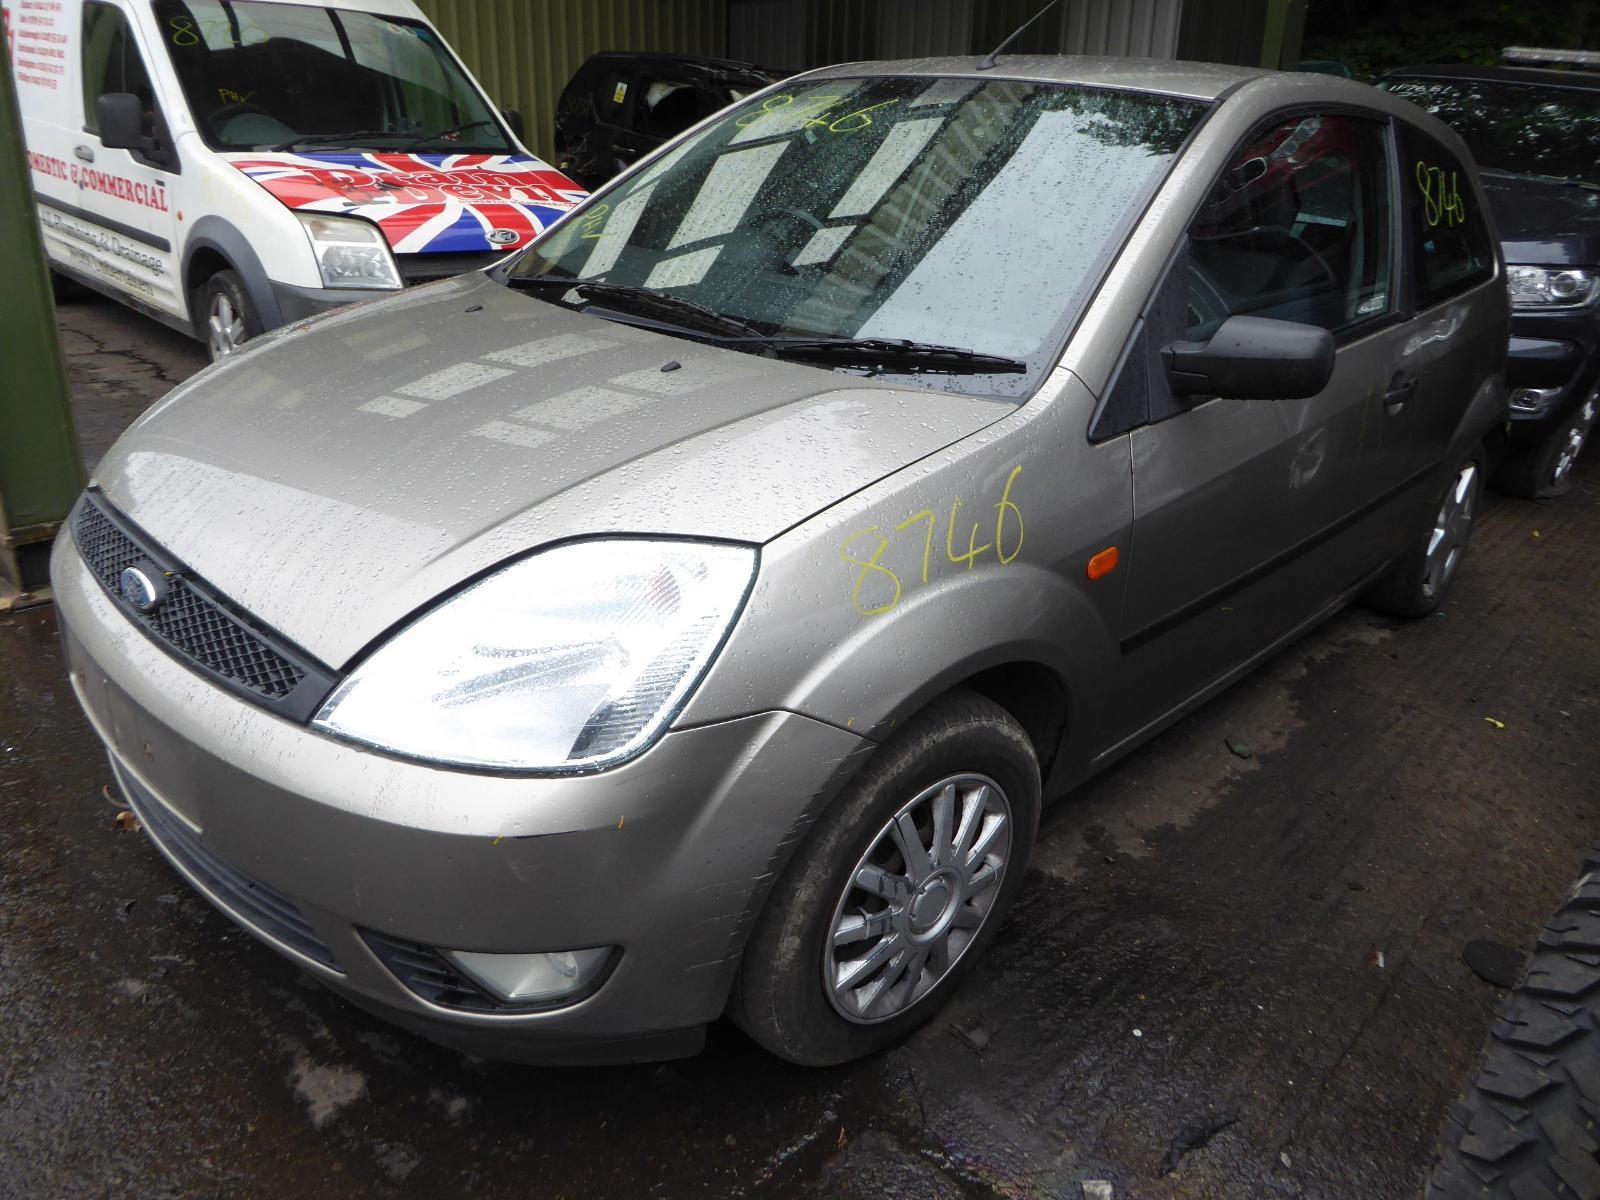 Image for a FORD FIESTA 2003 3 Door Hatchback